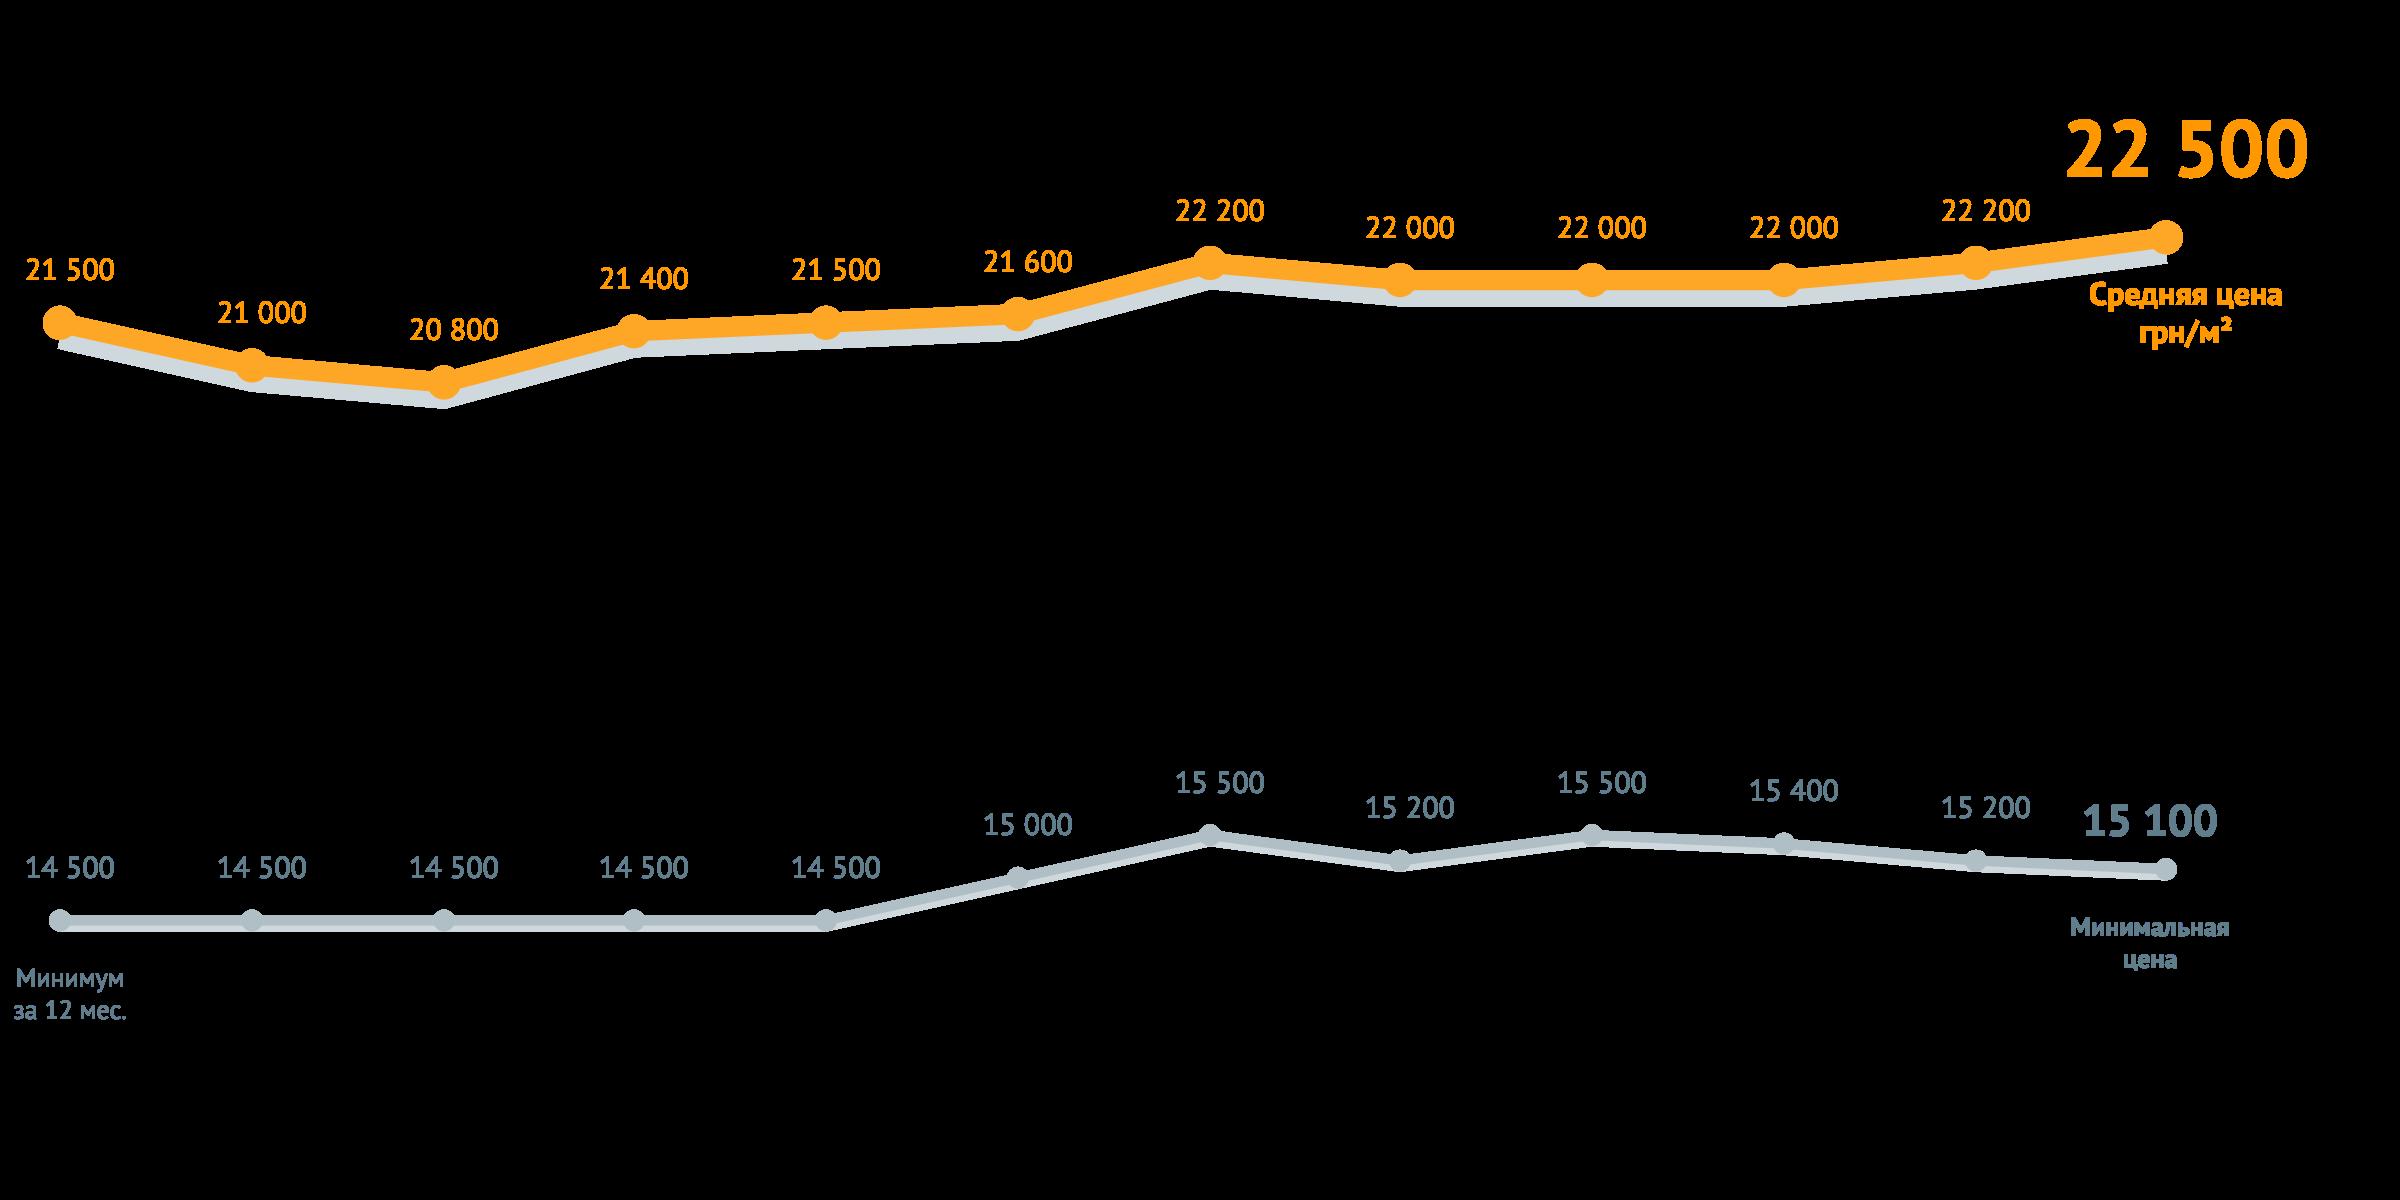 динамика средняя цена за квадратный метро в новостройках июнь 2018